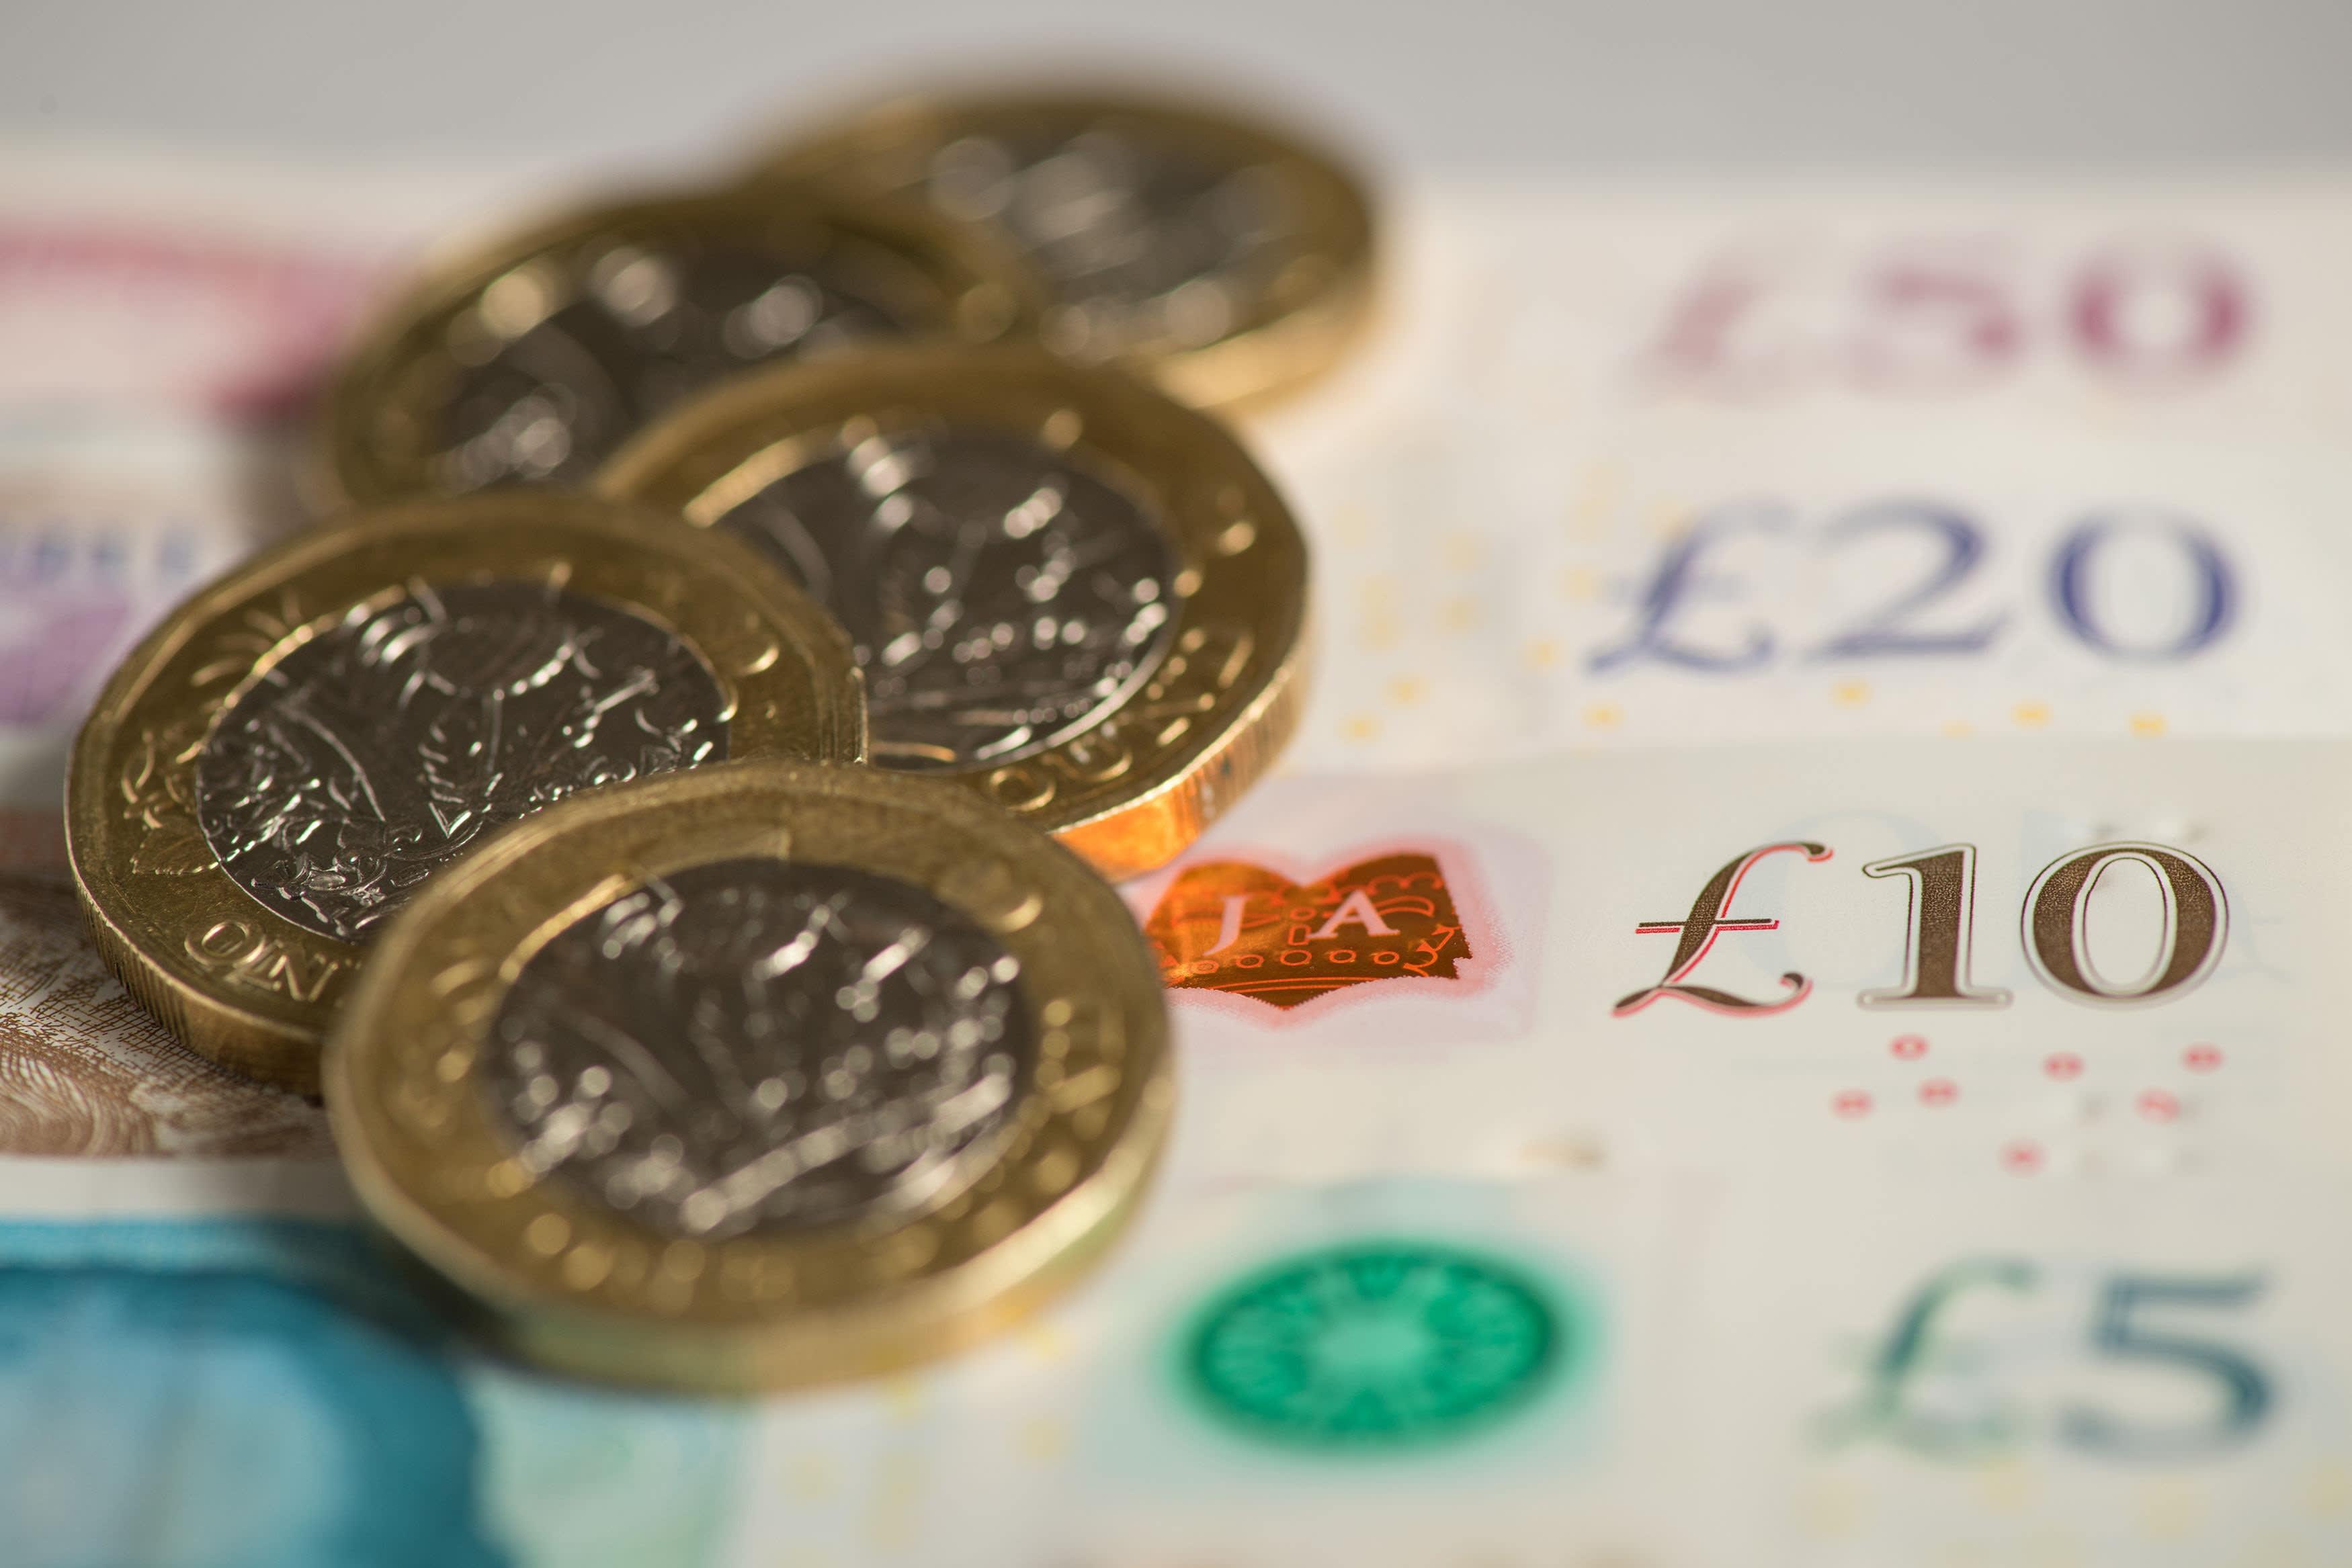 FSCS opens door to claims against alleged Ponzi scheme